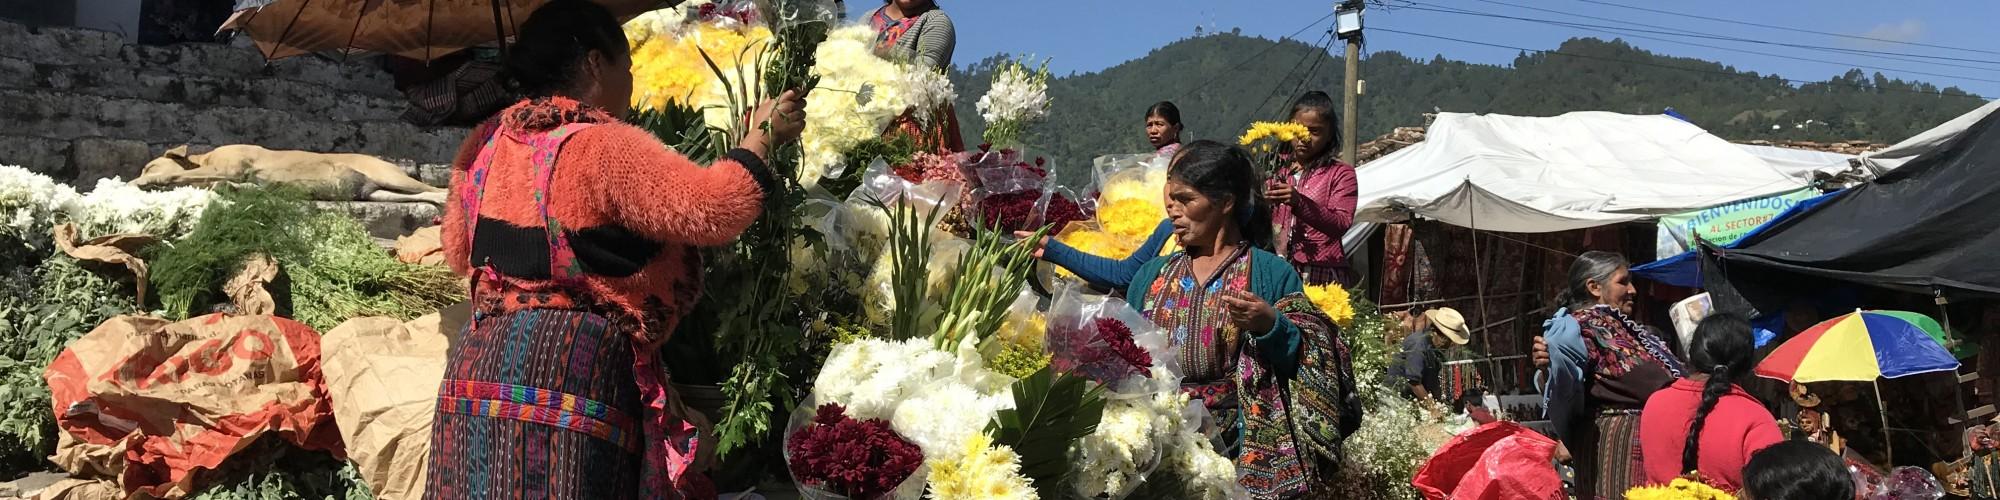 Chichi market, Guatemala